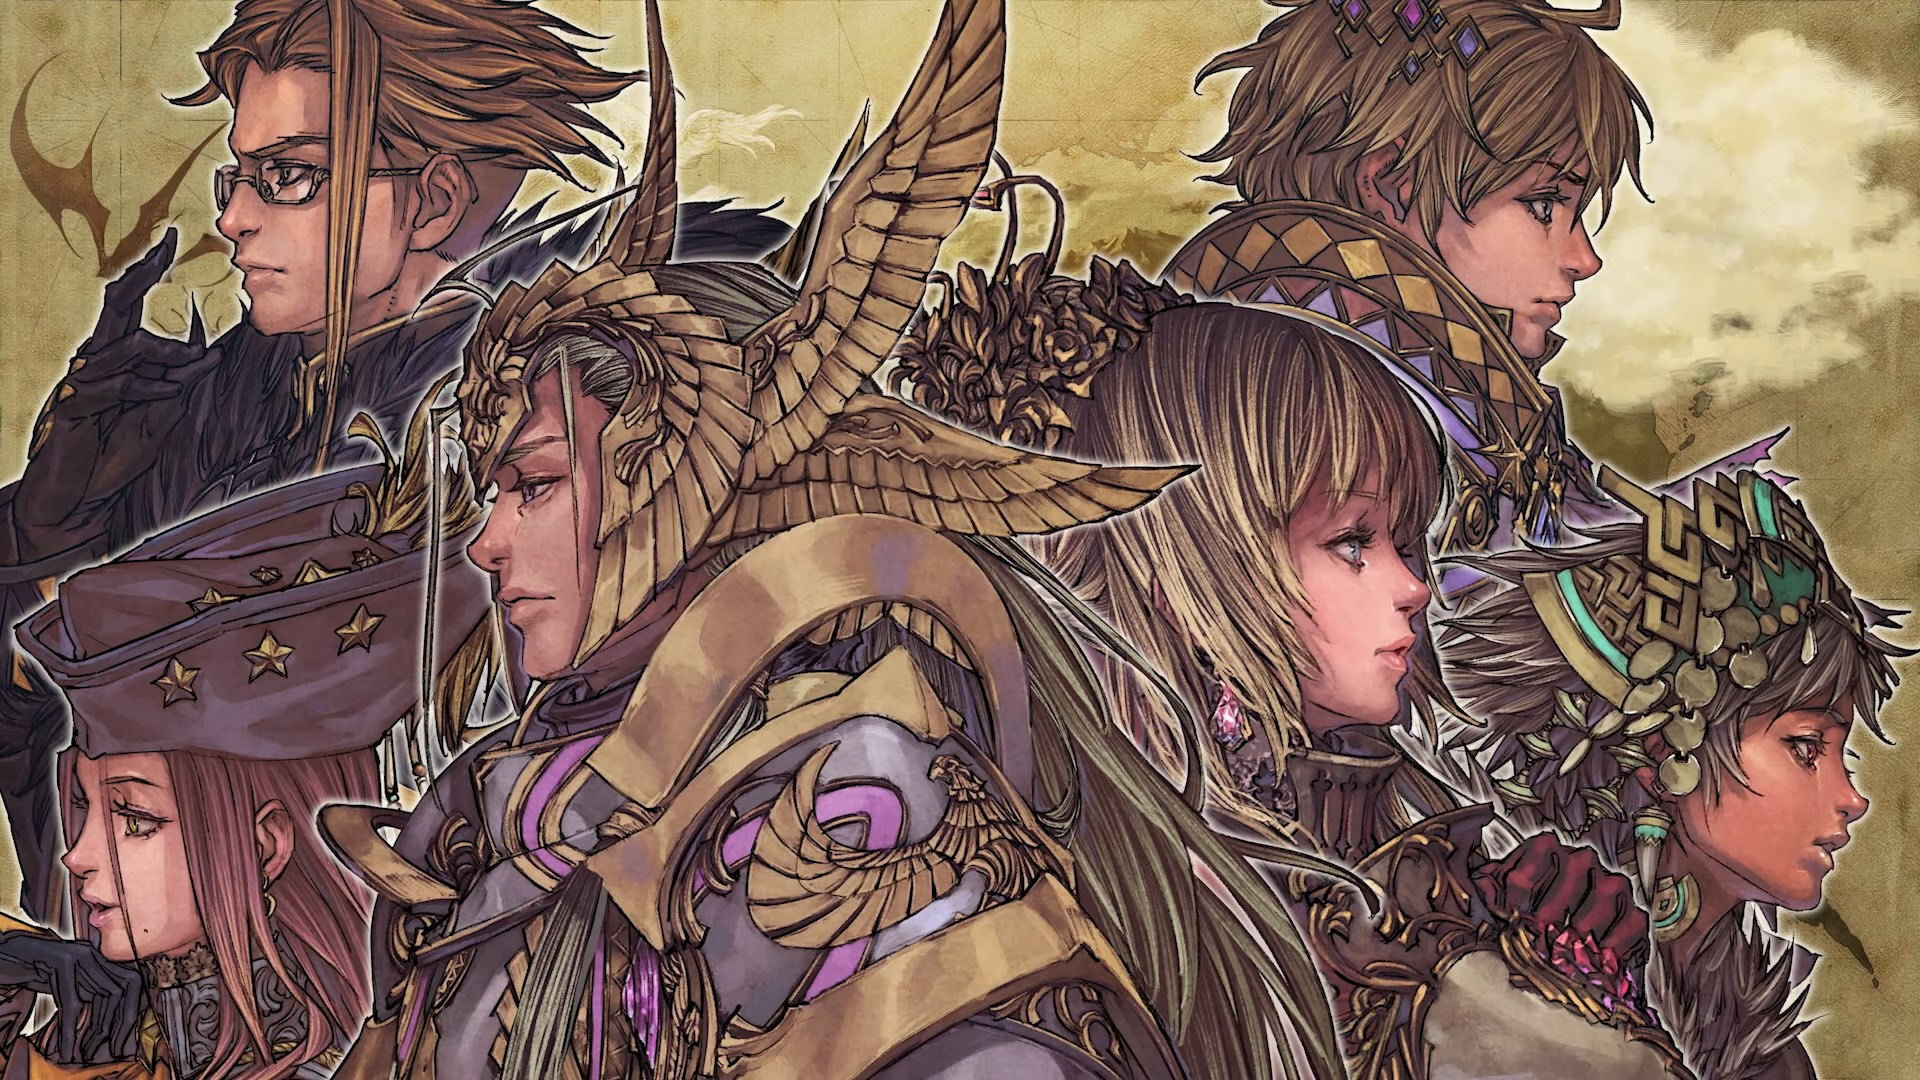 回合制战棋《幻想大陆战记:卢纳基亚传说》12月10日登陆PS4